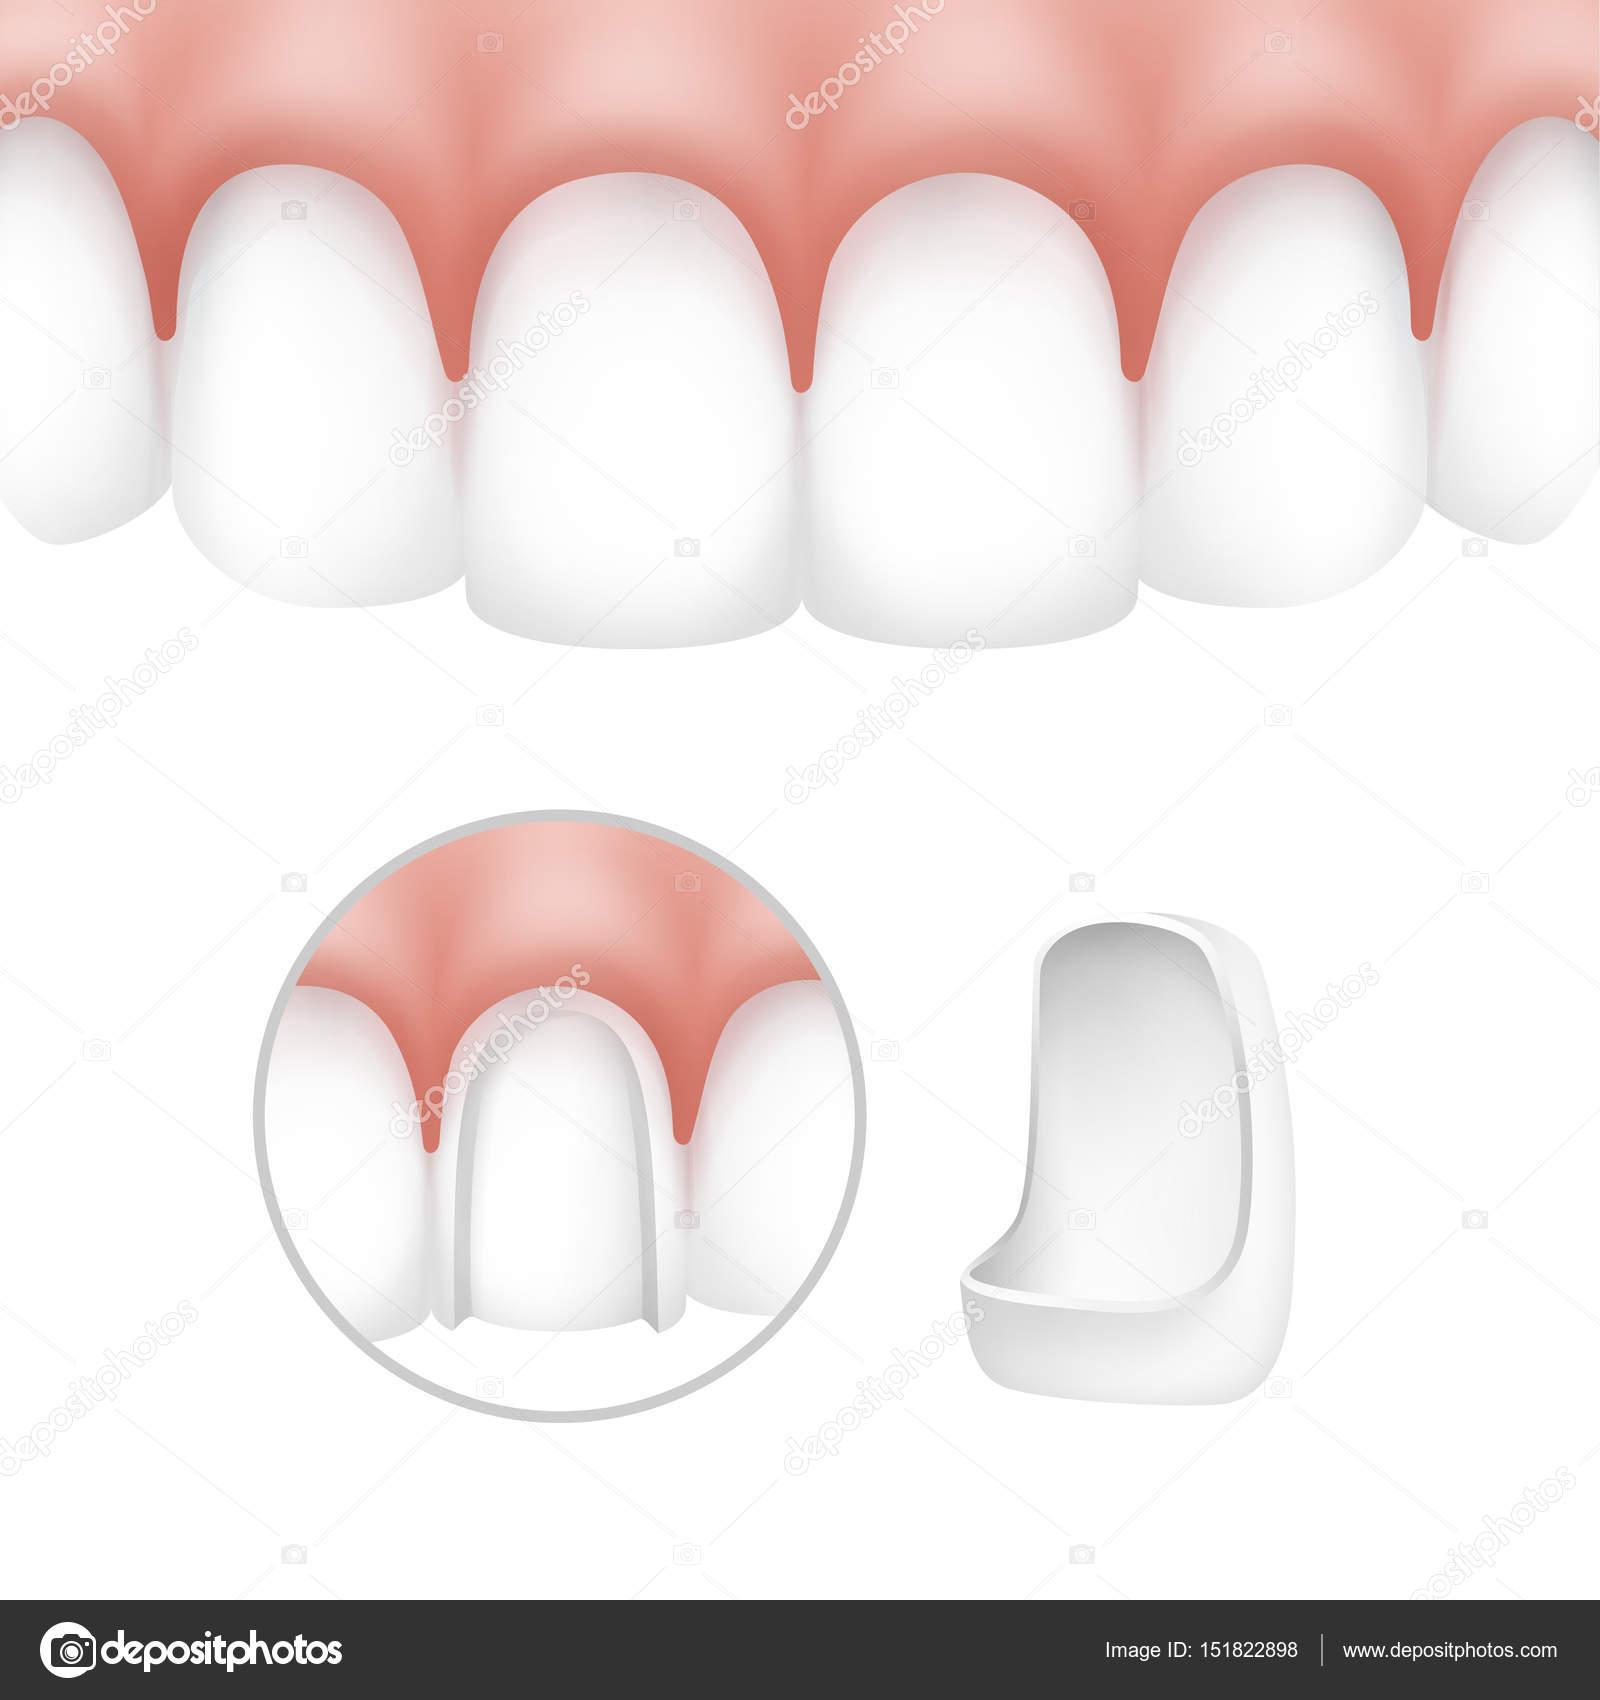 Carillas dentales en dientes humanos — Archivo Imágenes Vectoriales ...